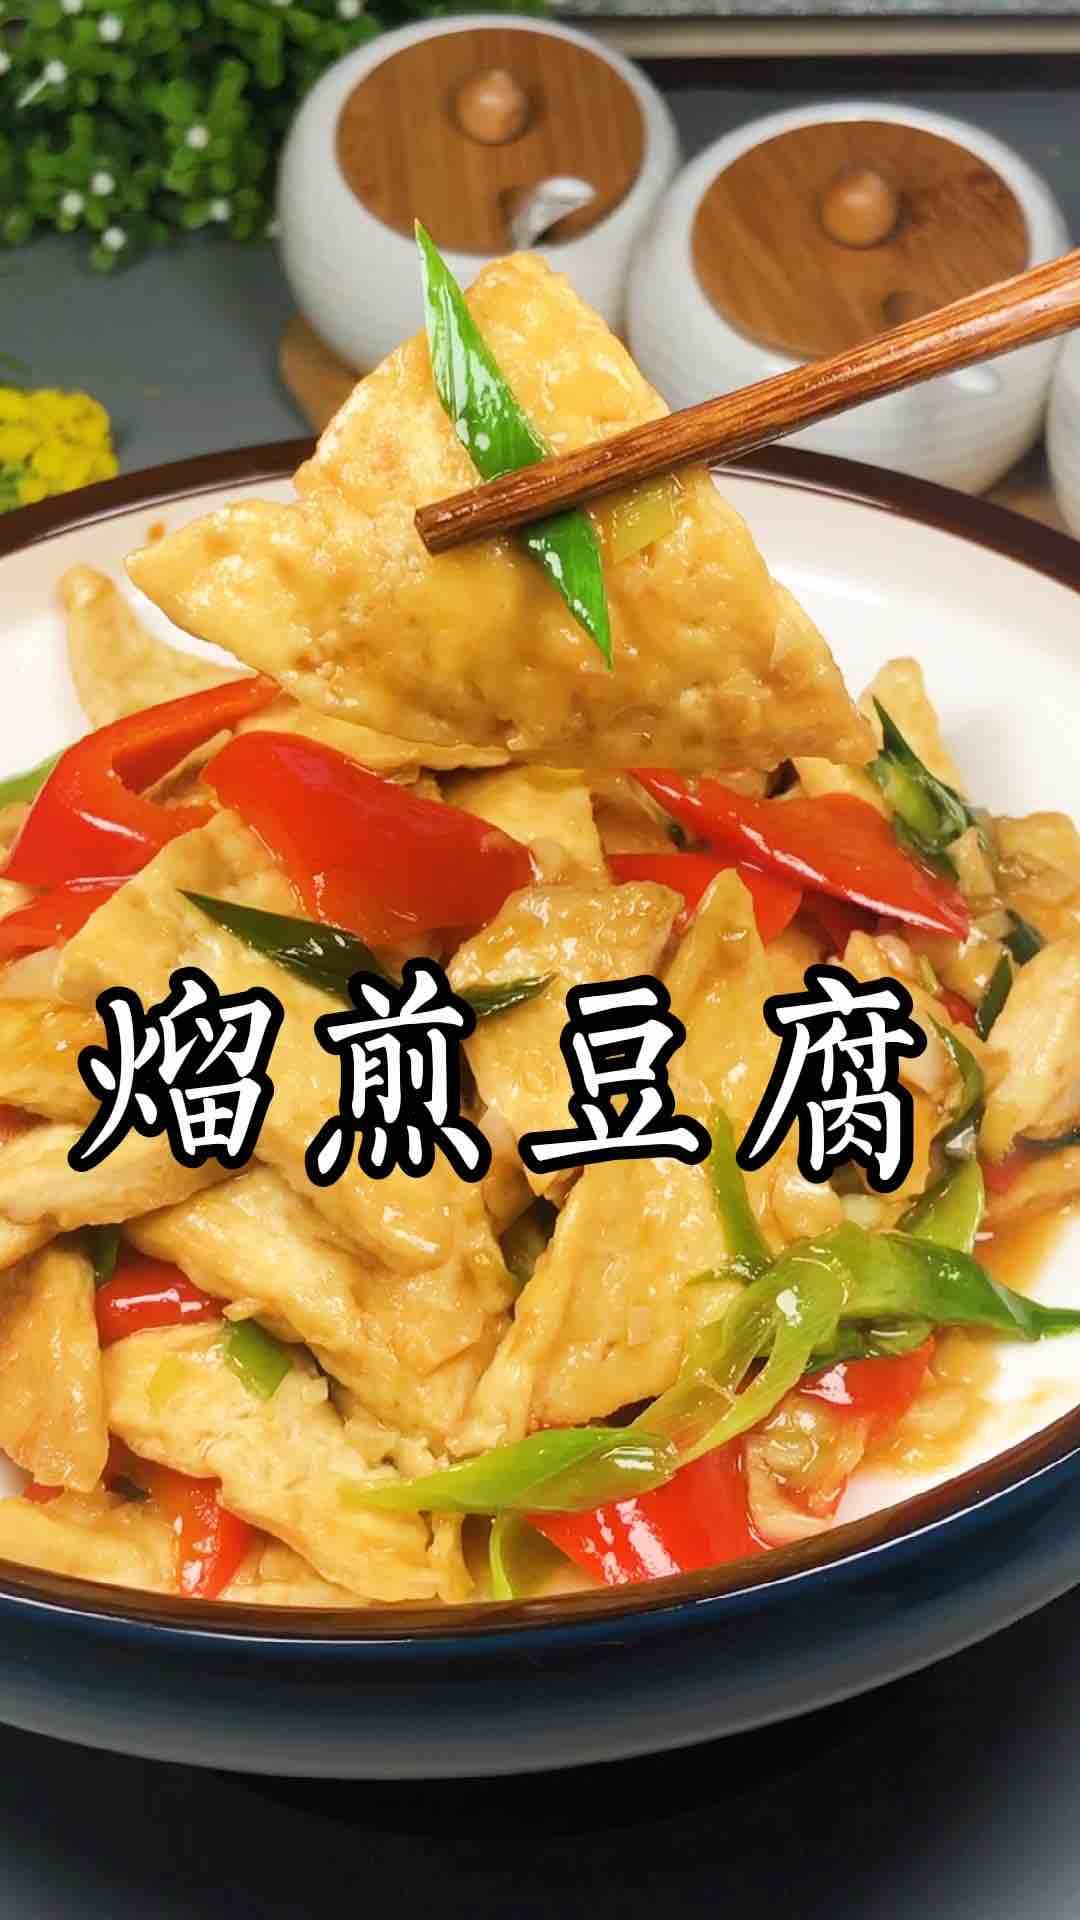 腌咸蟹怎么做好吃溜煎豆腐的做法